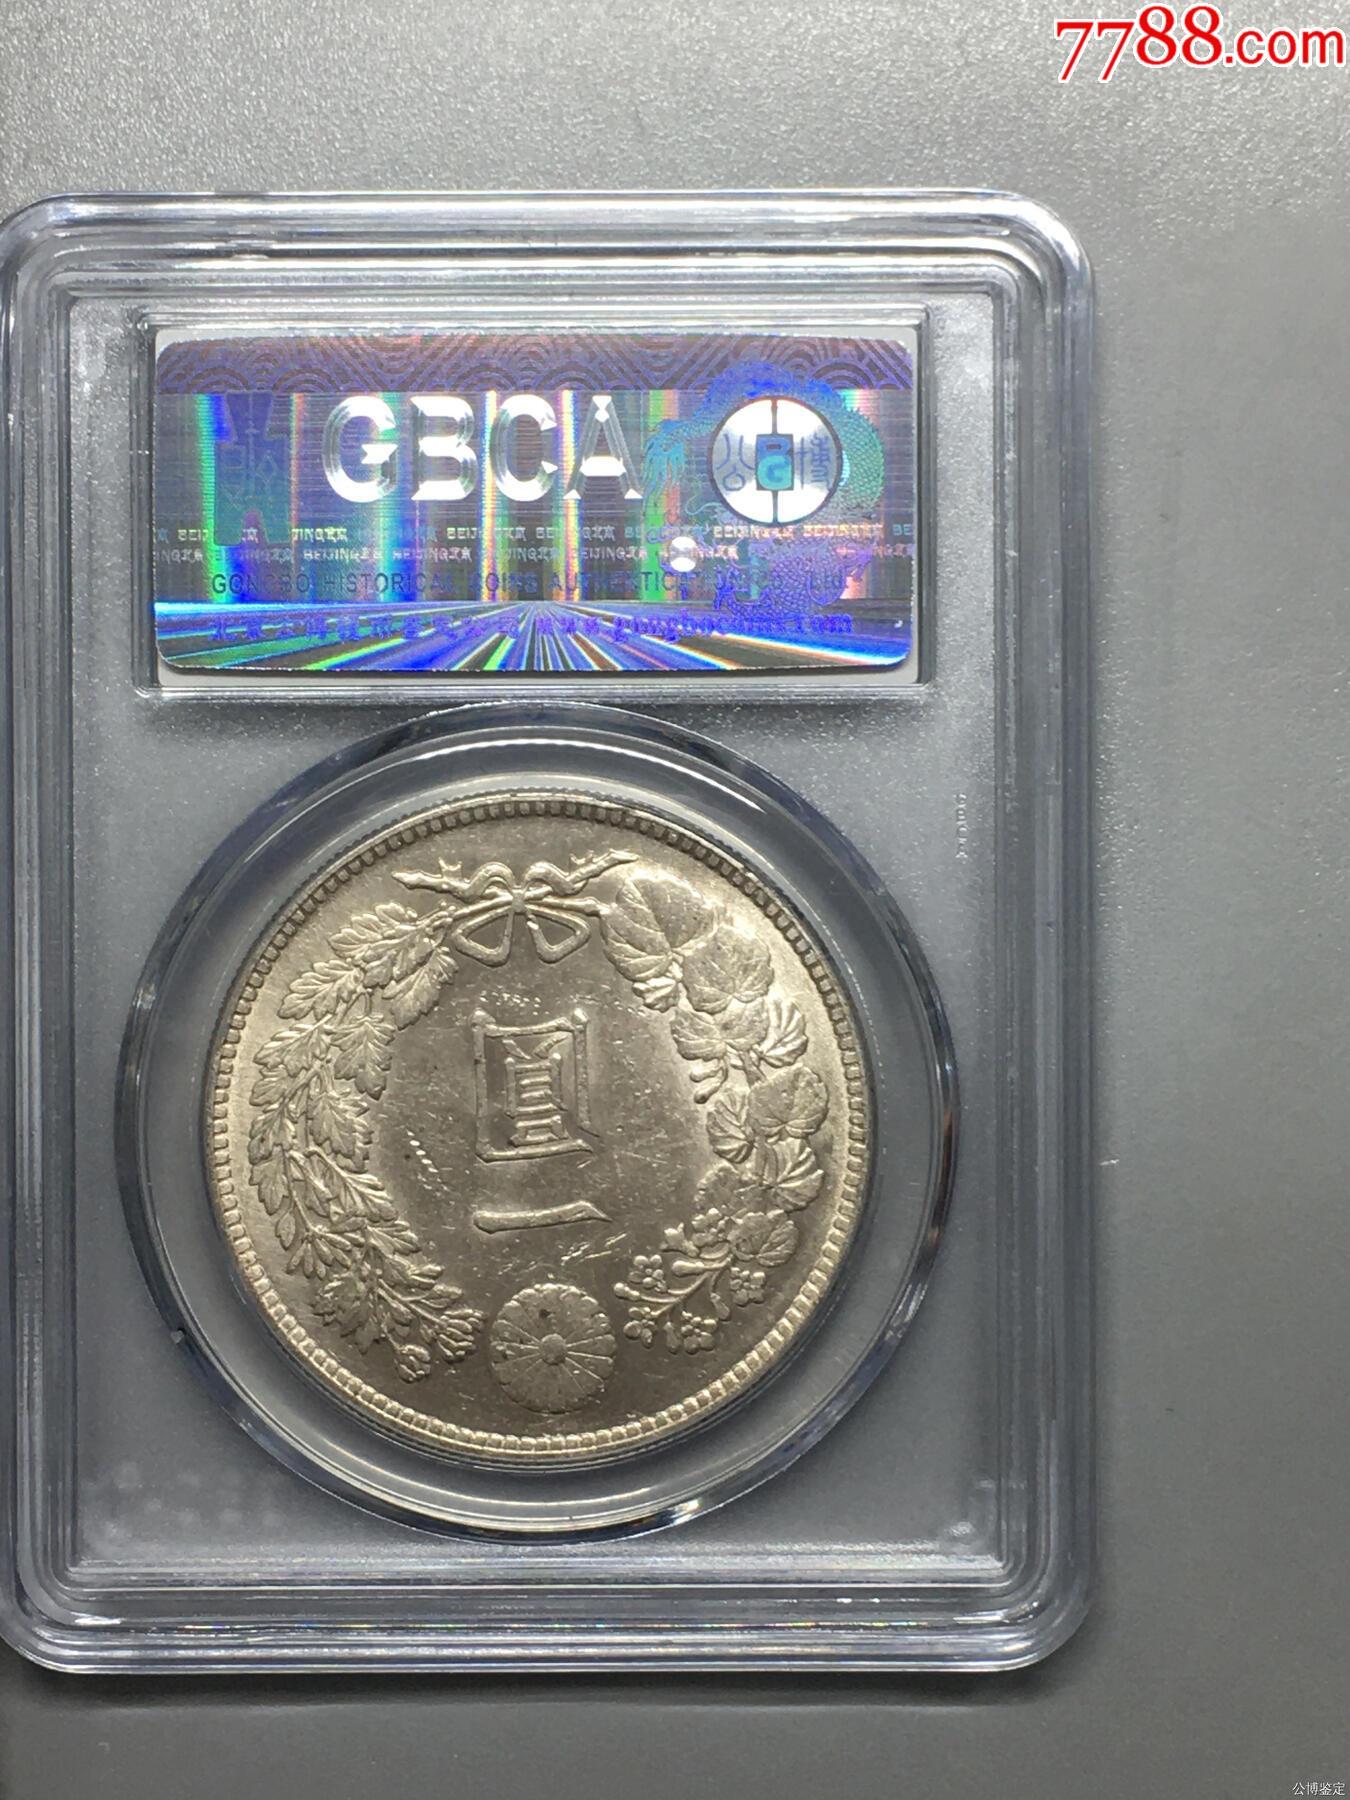 日本银币一圆_价格993元_第2张_